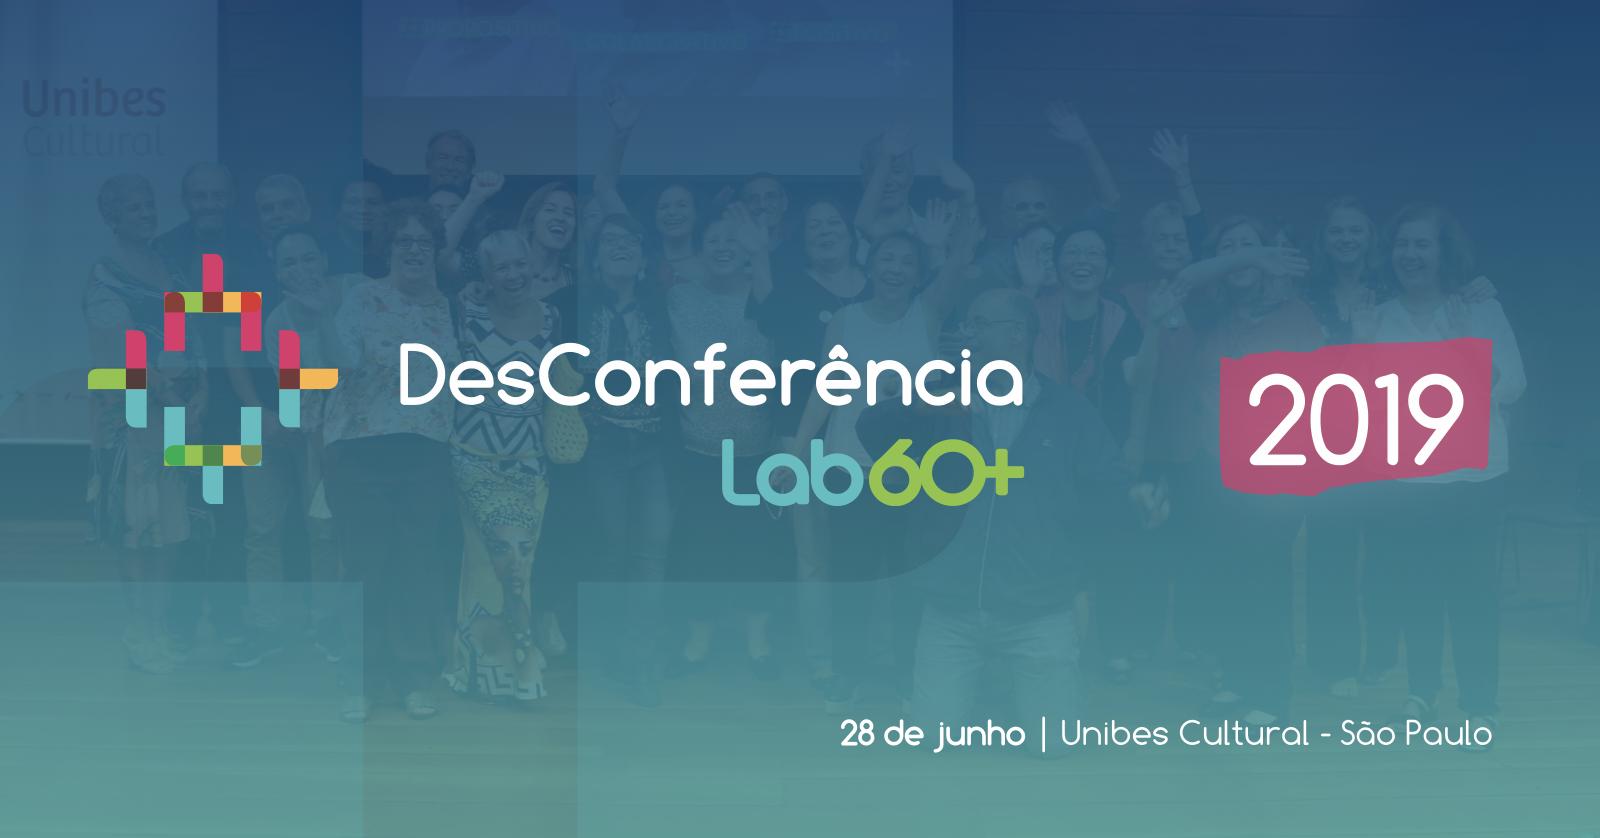 DesConferência Lab60+, o evento do ano